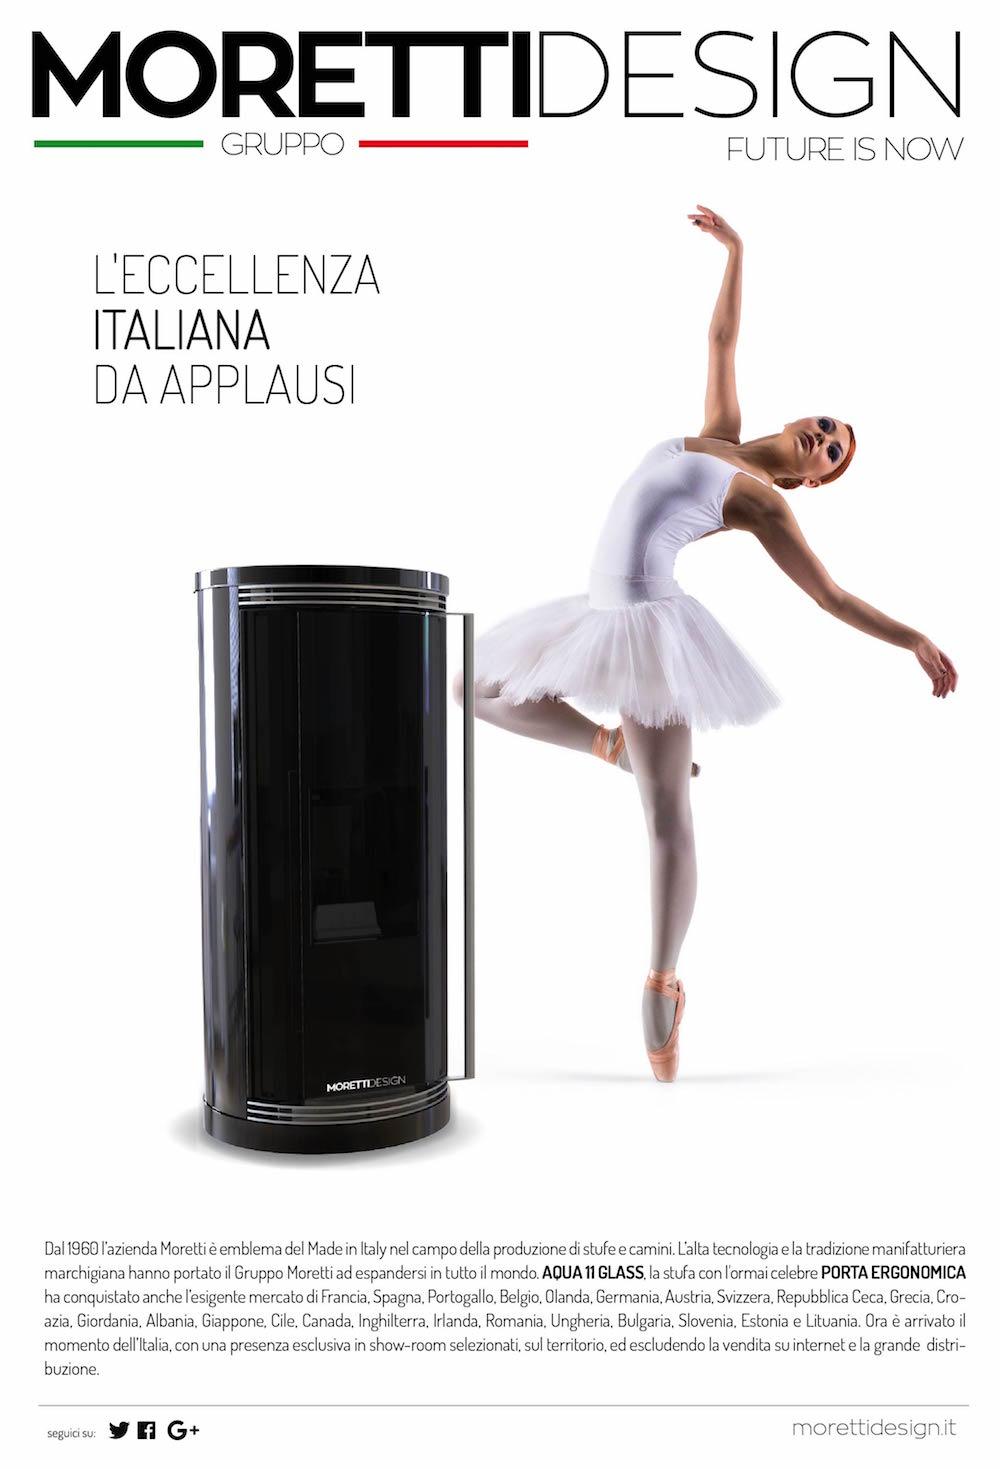 corriere_18-04-01